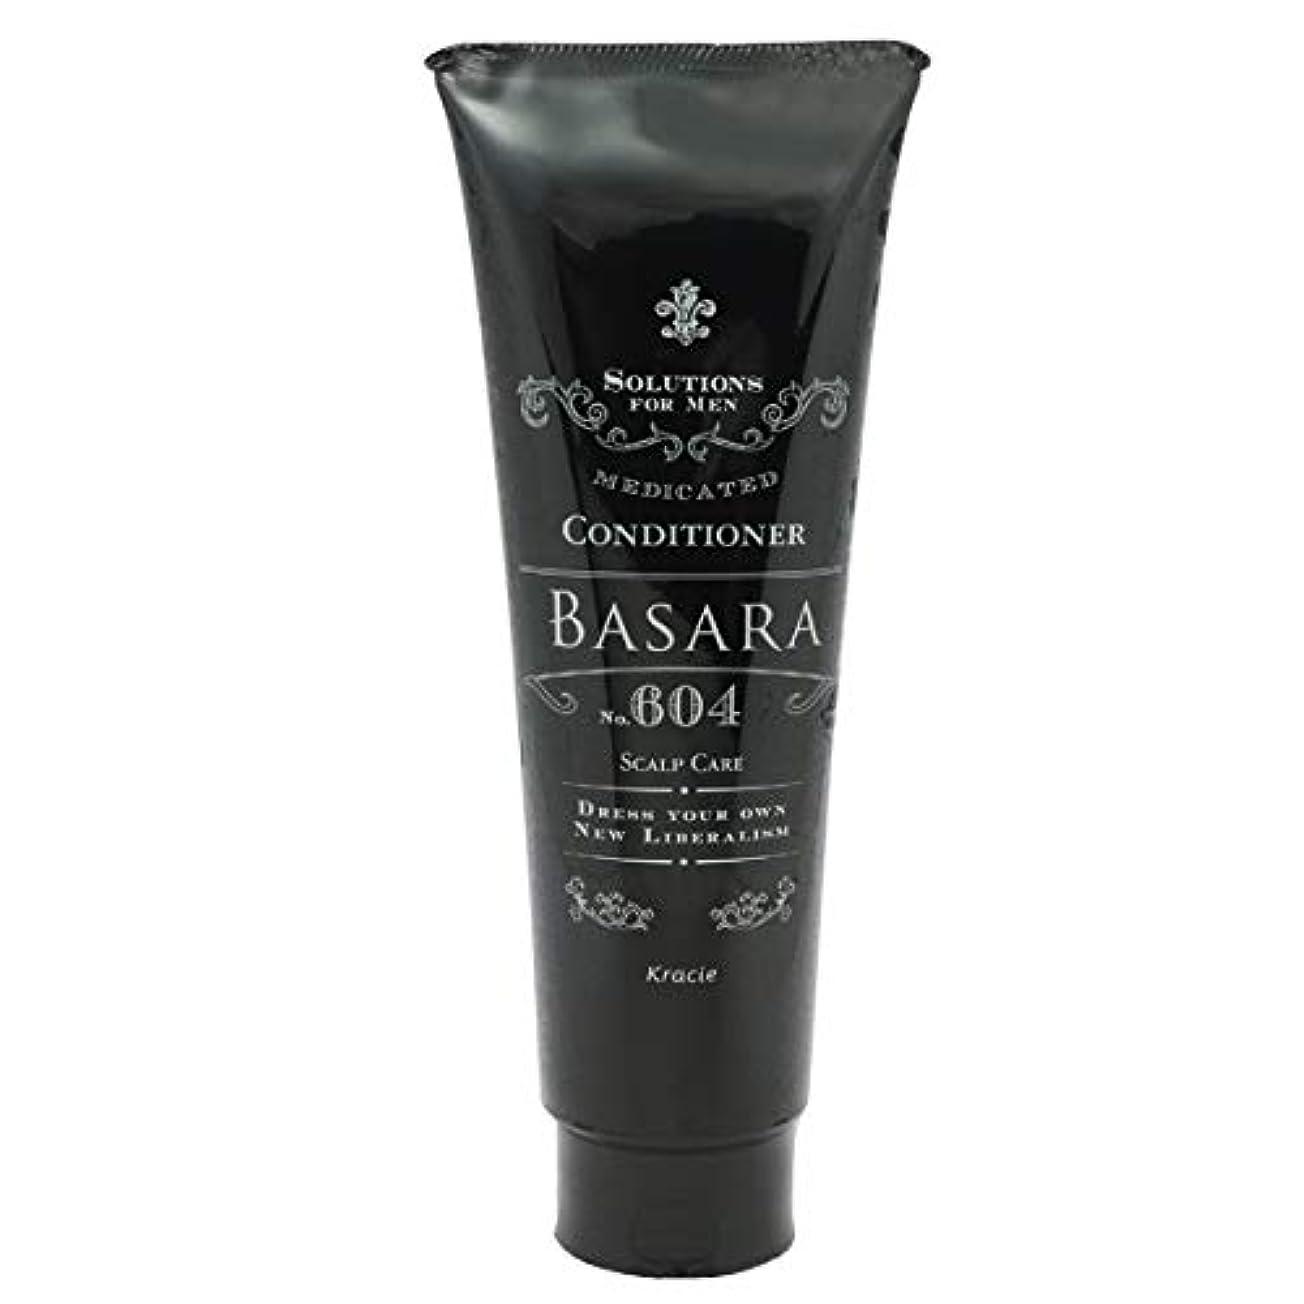 自明調停者かもしれないサロンモード(Salon Mode) クラシエ バサラ 薬用スカルプ コンディショナー 604 250g